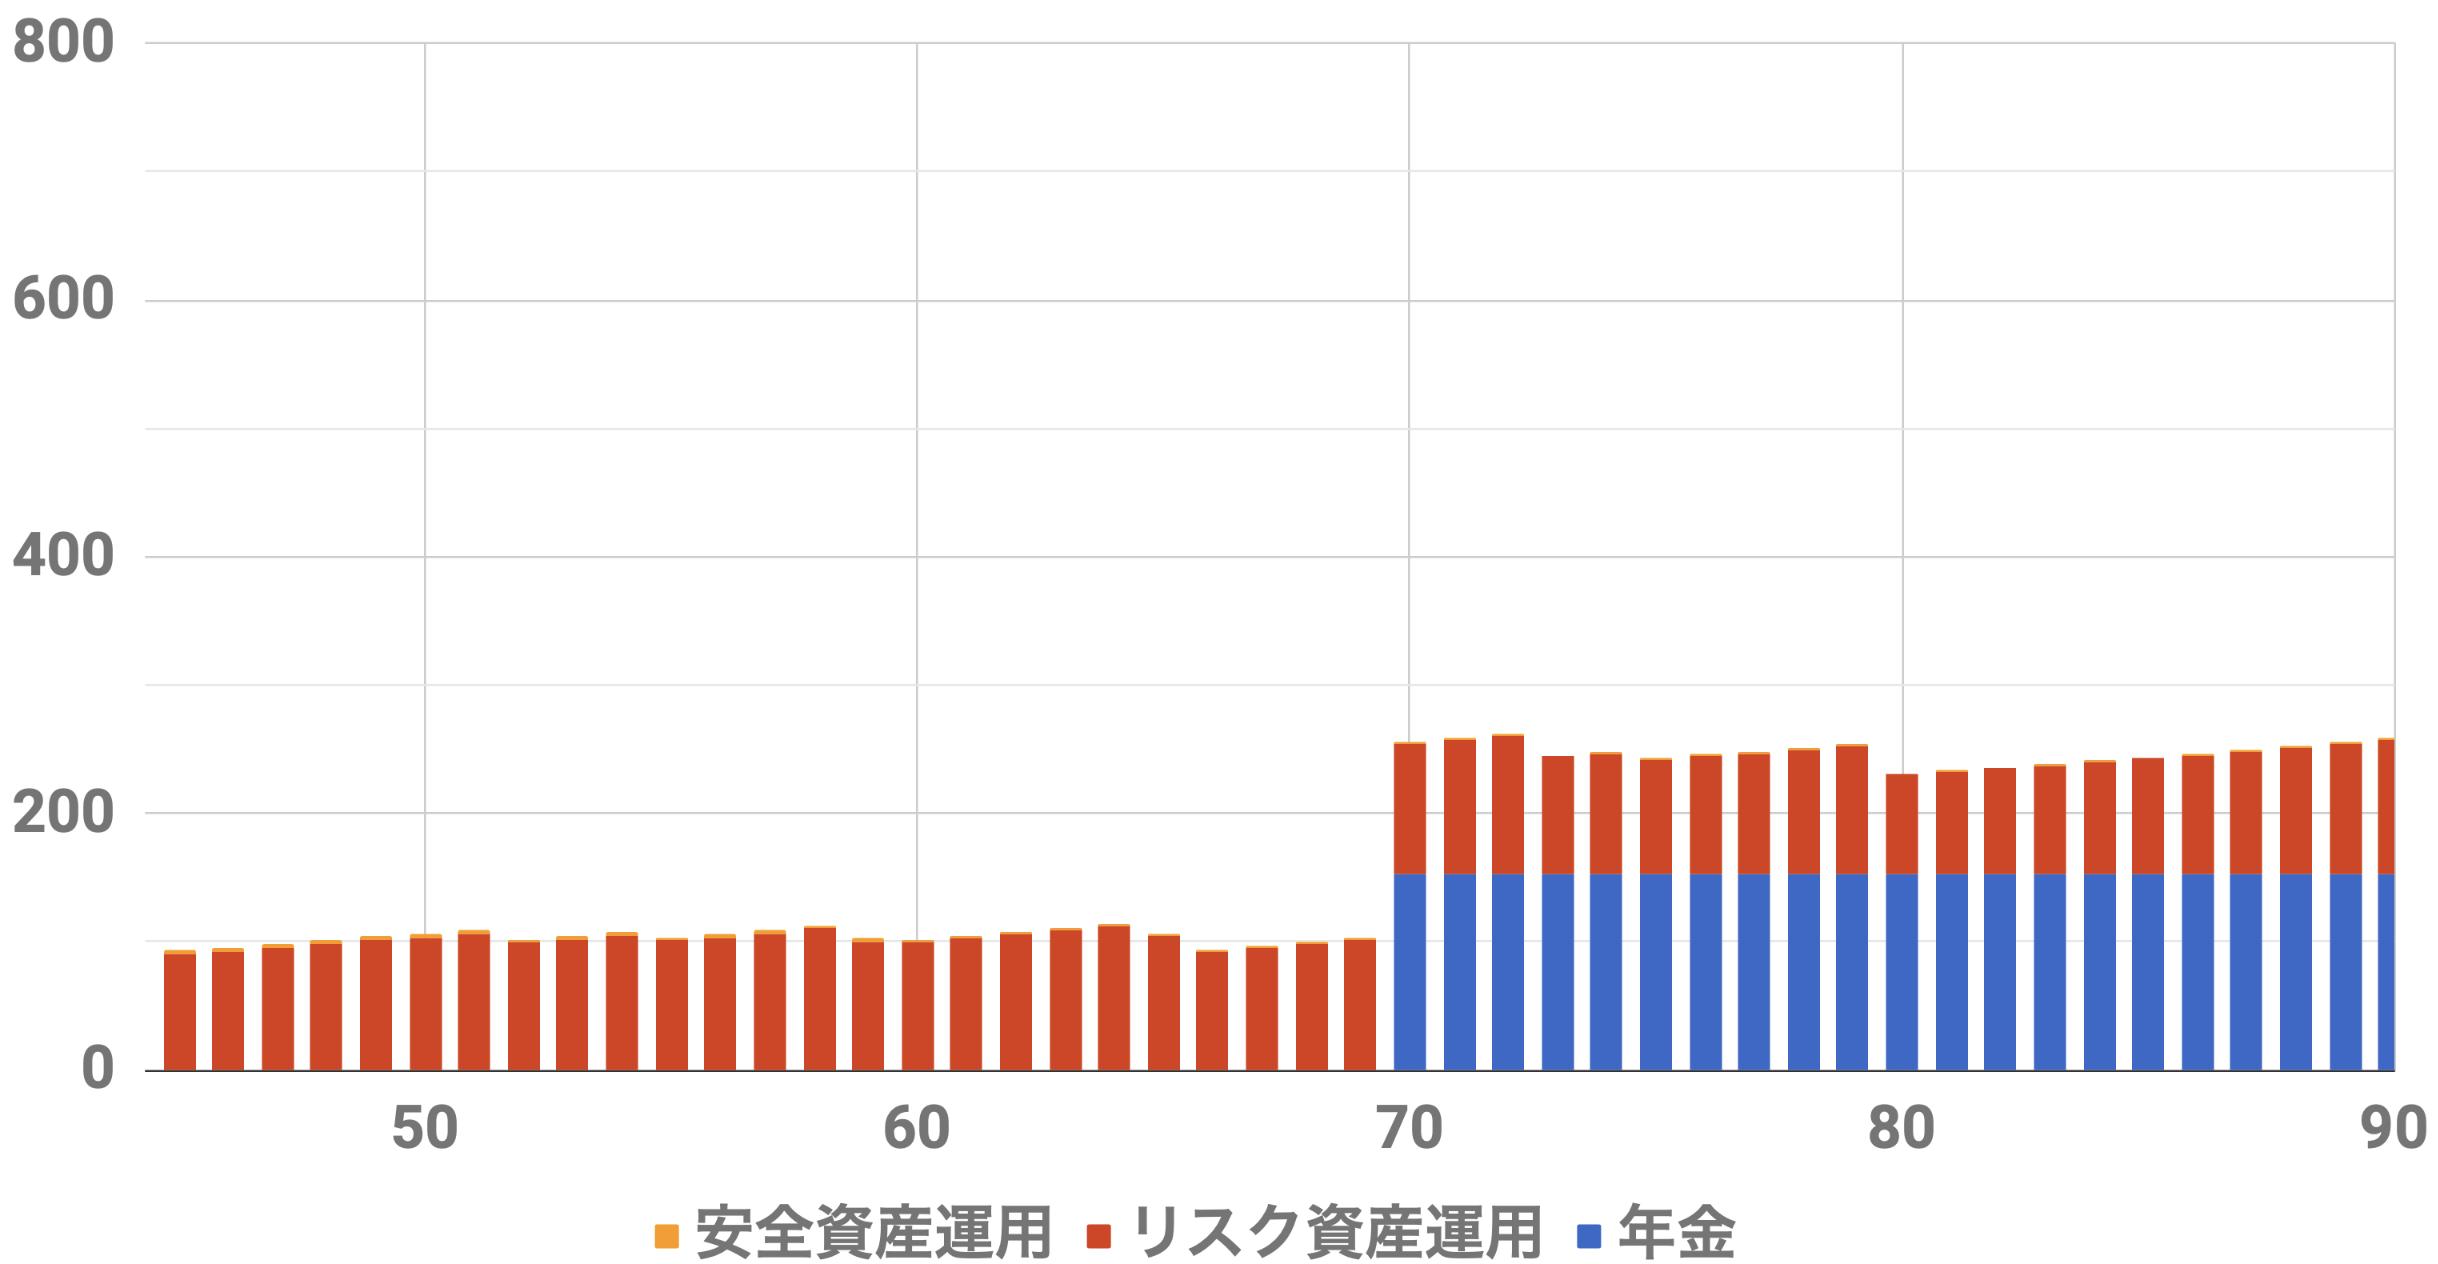 45歳9000万円収入シミュレーション(Level4)インフレ率0%利率3%連続増配率3%